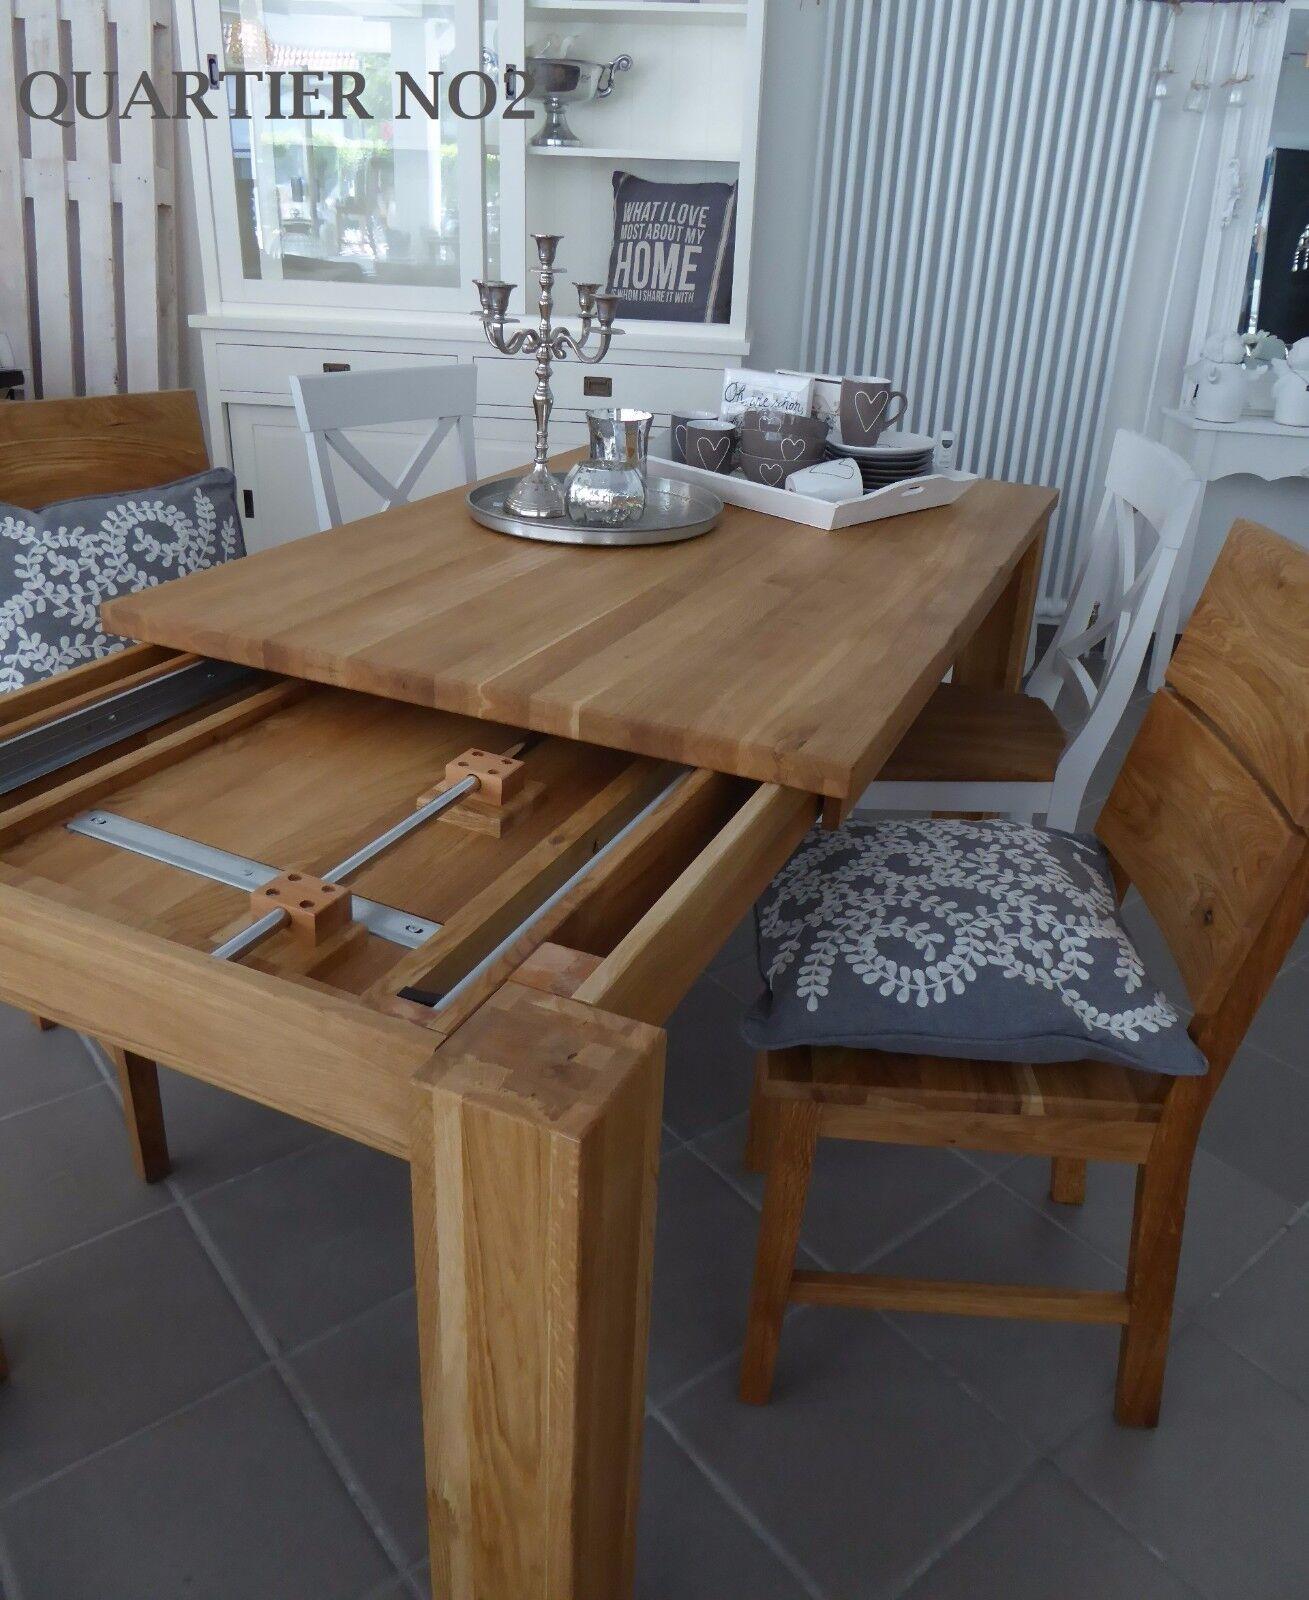 Gestellauszugstisch,Esstisch Tisch mit Gestellauszug,Massivholz Tisch ausziehbar